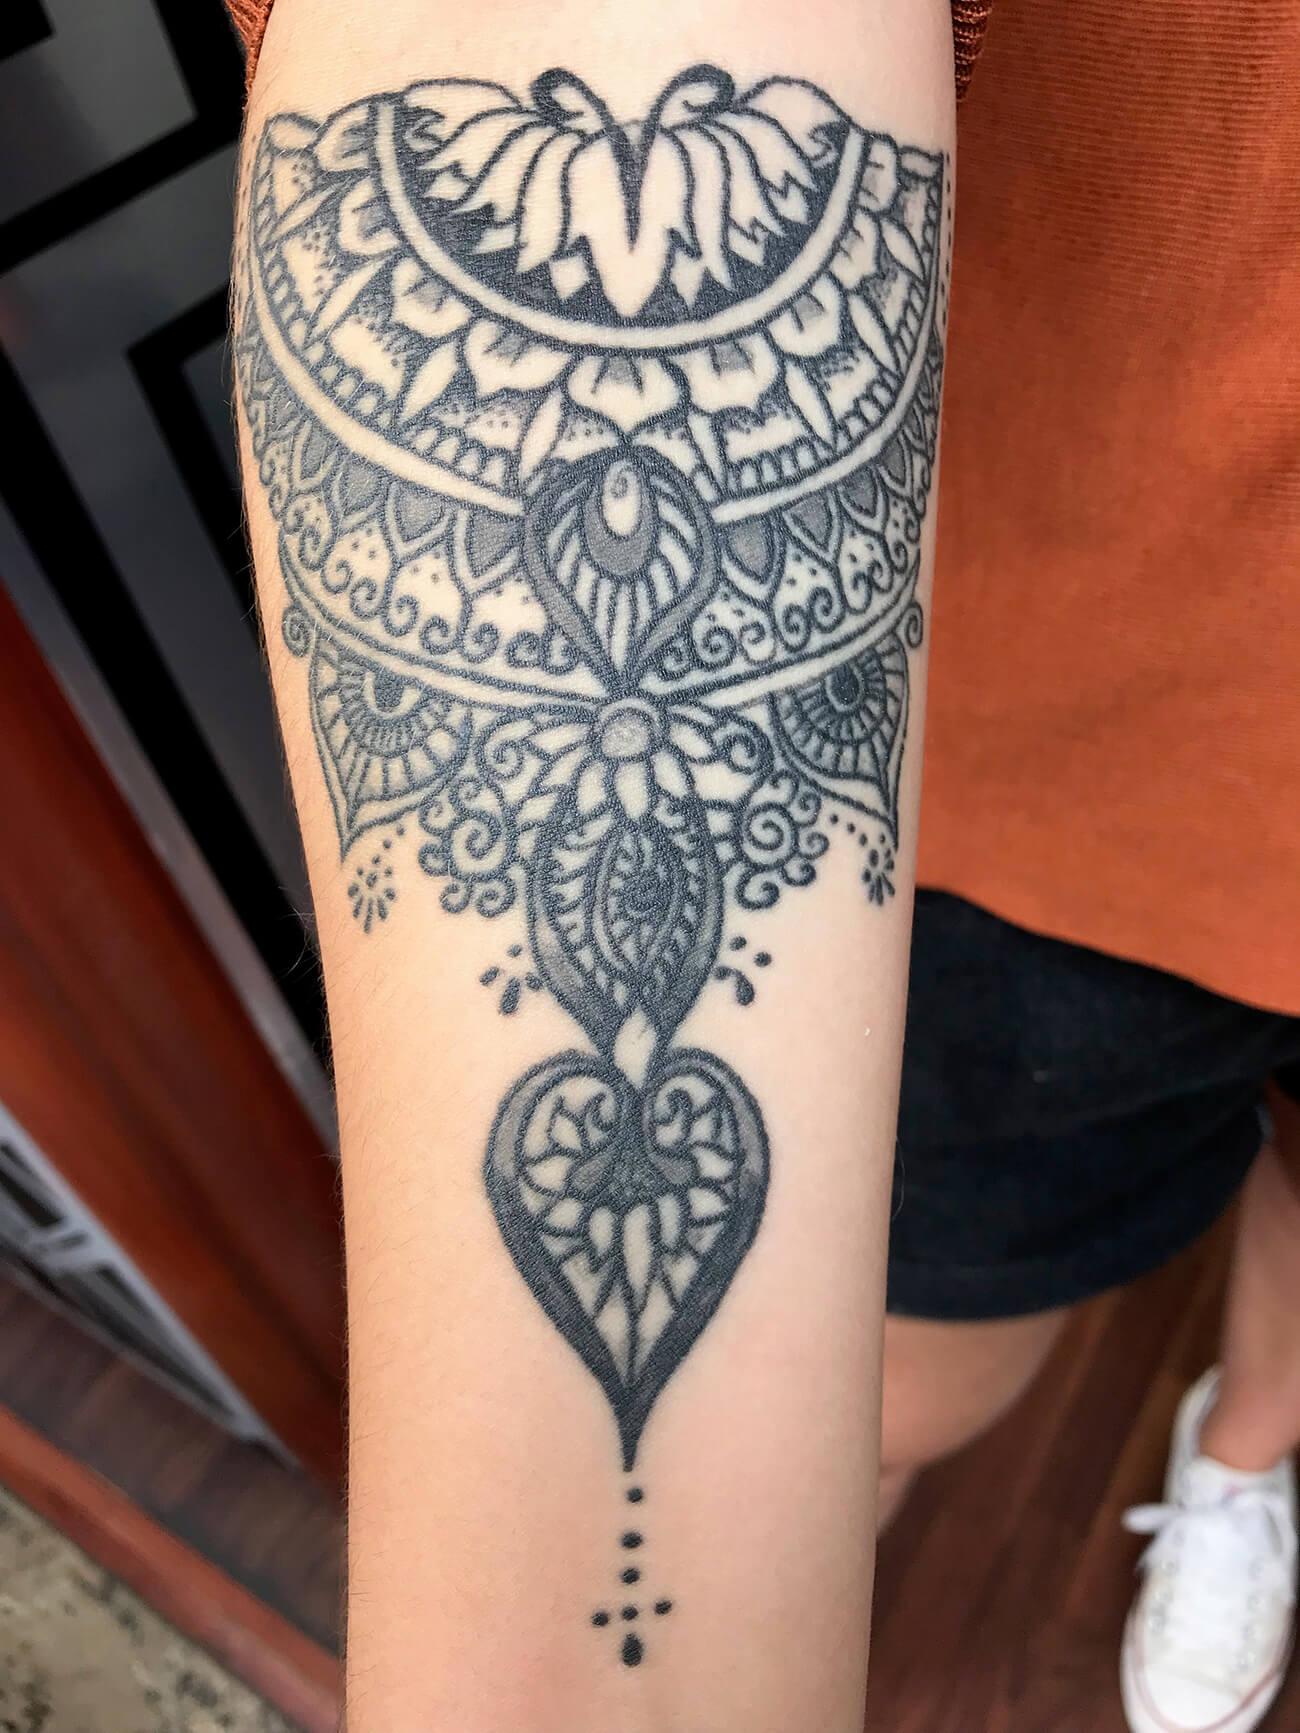 Cosmopolitan Tattoo - Demi manchette femme, tatouage henné, tatouage éthique, motif unique, ligne fine